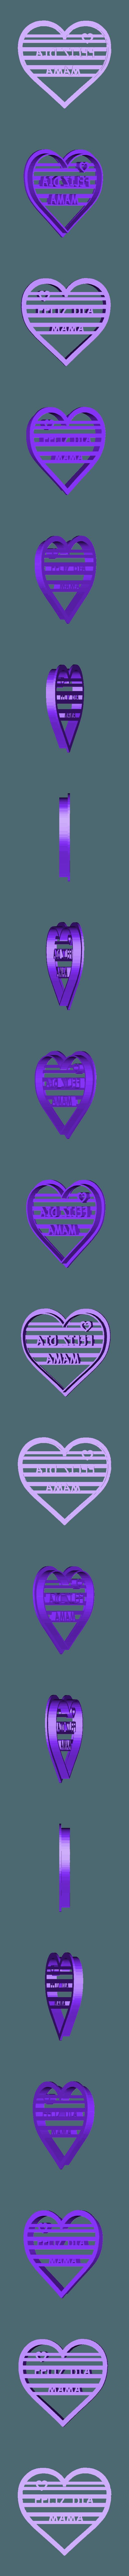 feliz dia mama.stl Télécharger fichier STL gratuit Joyeuse Fête des Mères Coeur Coeur Cuisinière à Biscuits • Plan pour imprimante 3D, NicoDLC